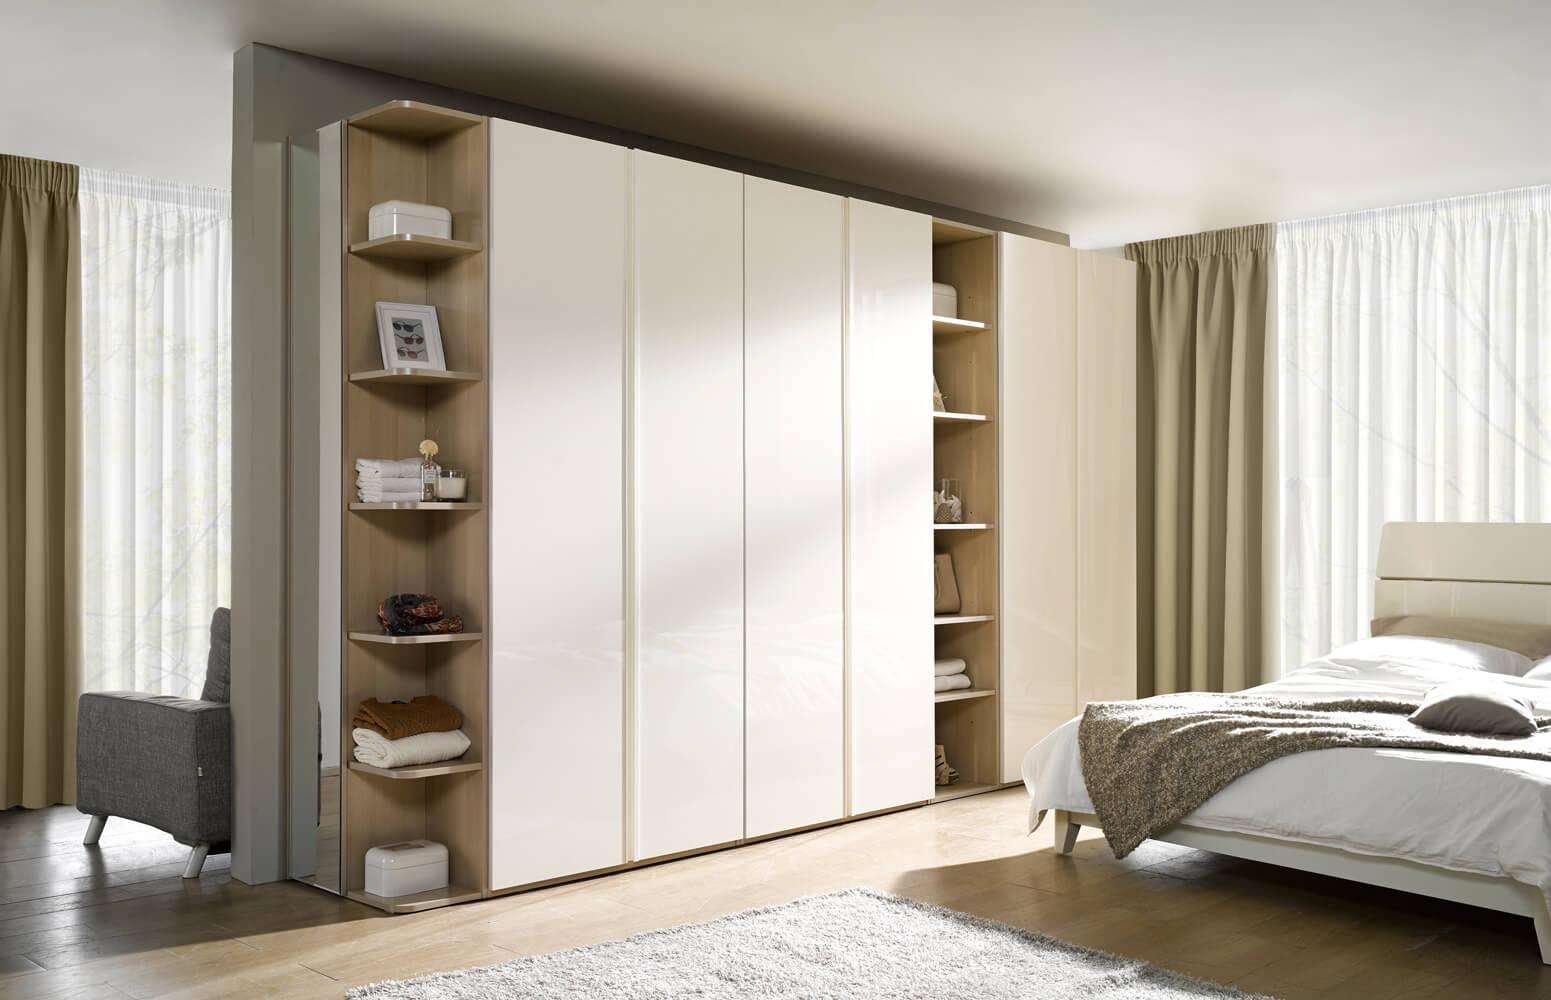 Jak zaaranżować wnętrze z szafą na całą ścianę?